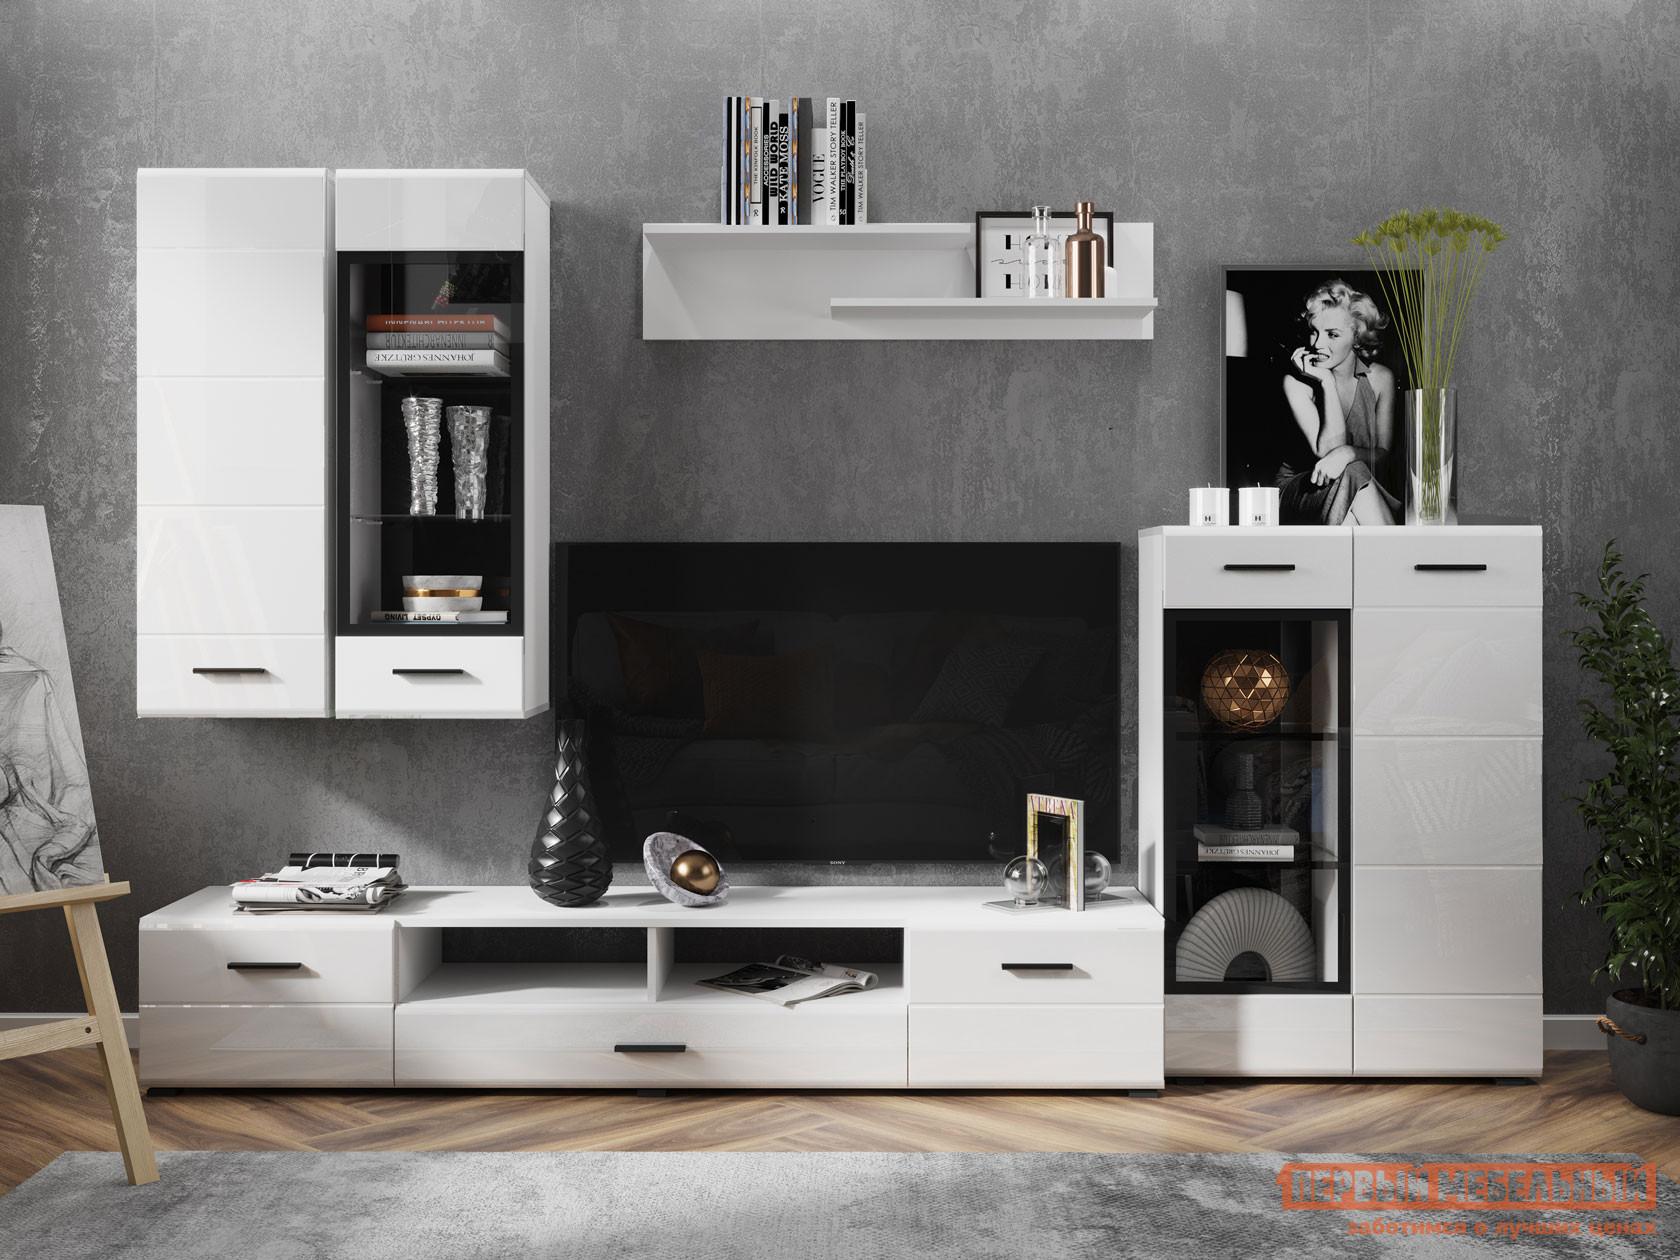 Гостиная НК-Мебель Комплект мебели GLOSS для гостиной №1 спальный гарнитур нк мебель комплект мебели для спальни тиберия к2